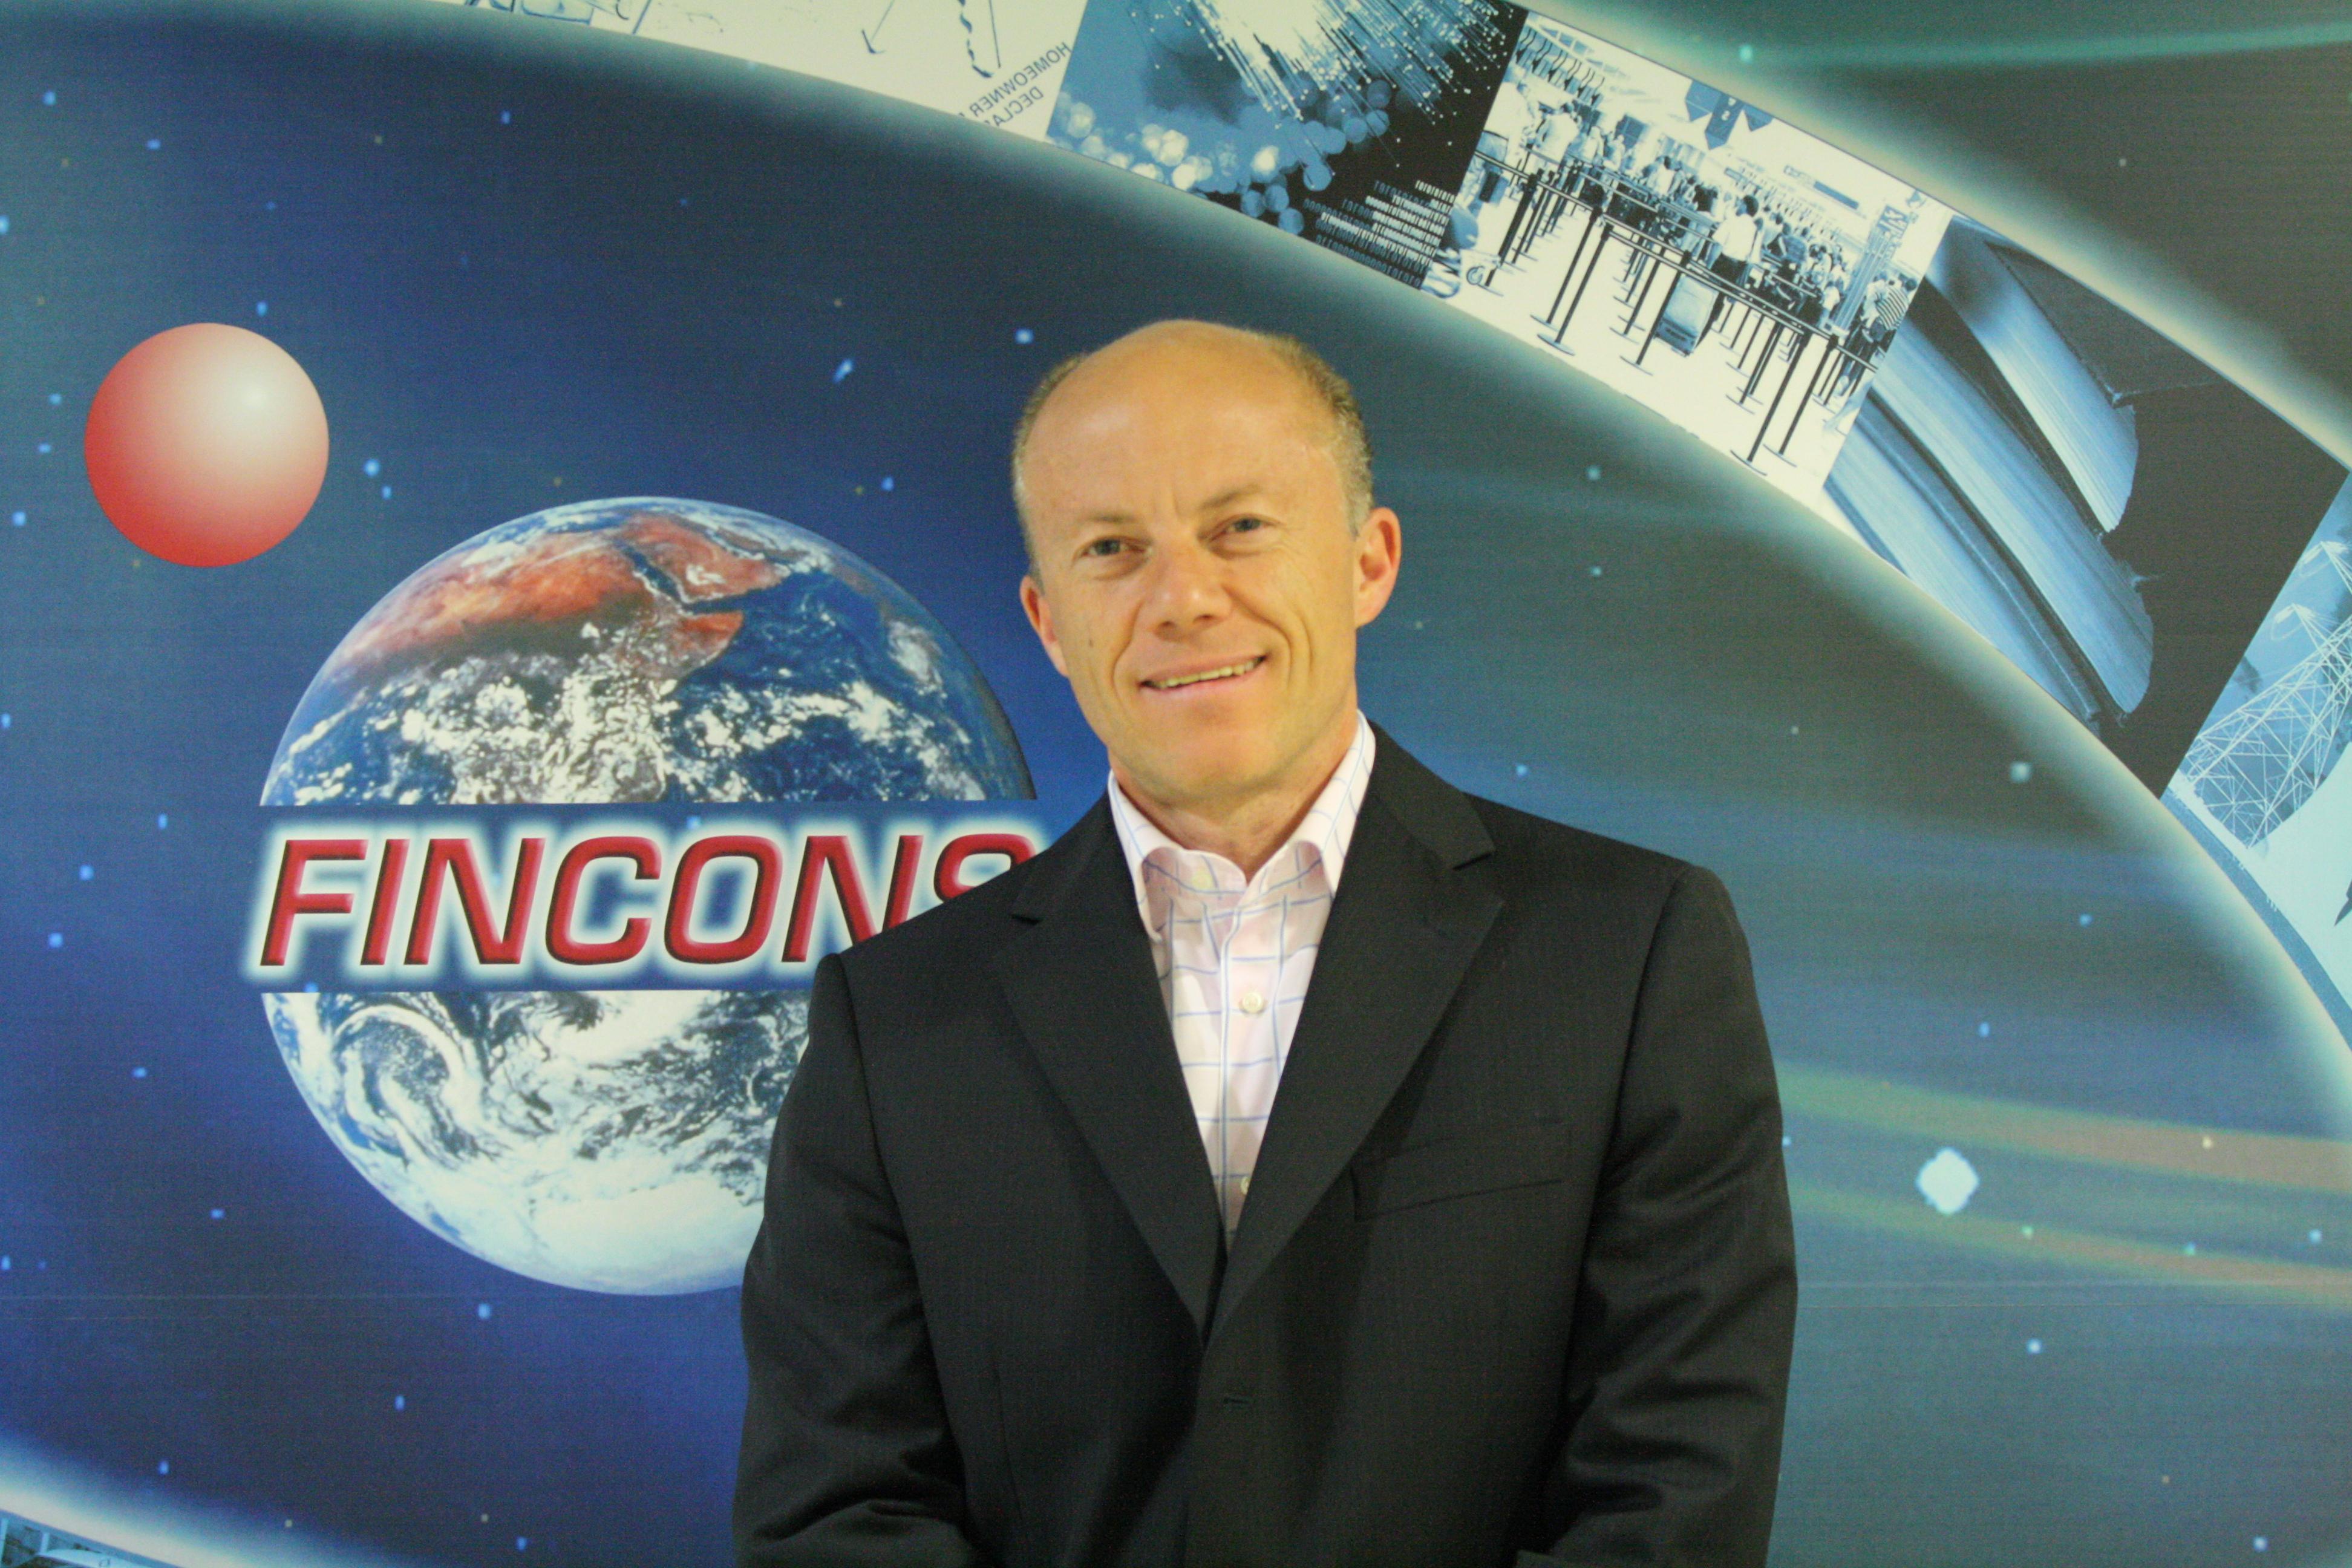 OliverBotti Strategic Marketing Innovation Executive Director of Fincons Group HBBTV - Tv. HBBTV: canali mosaico per passare da DTT a IP. Botti (Fincons): accesso a molti altri canali senza problemi di banda. Tv locali diverranno tv verticali